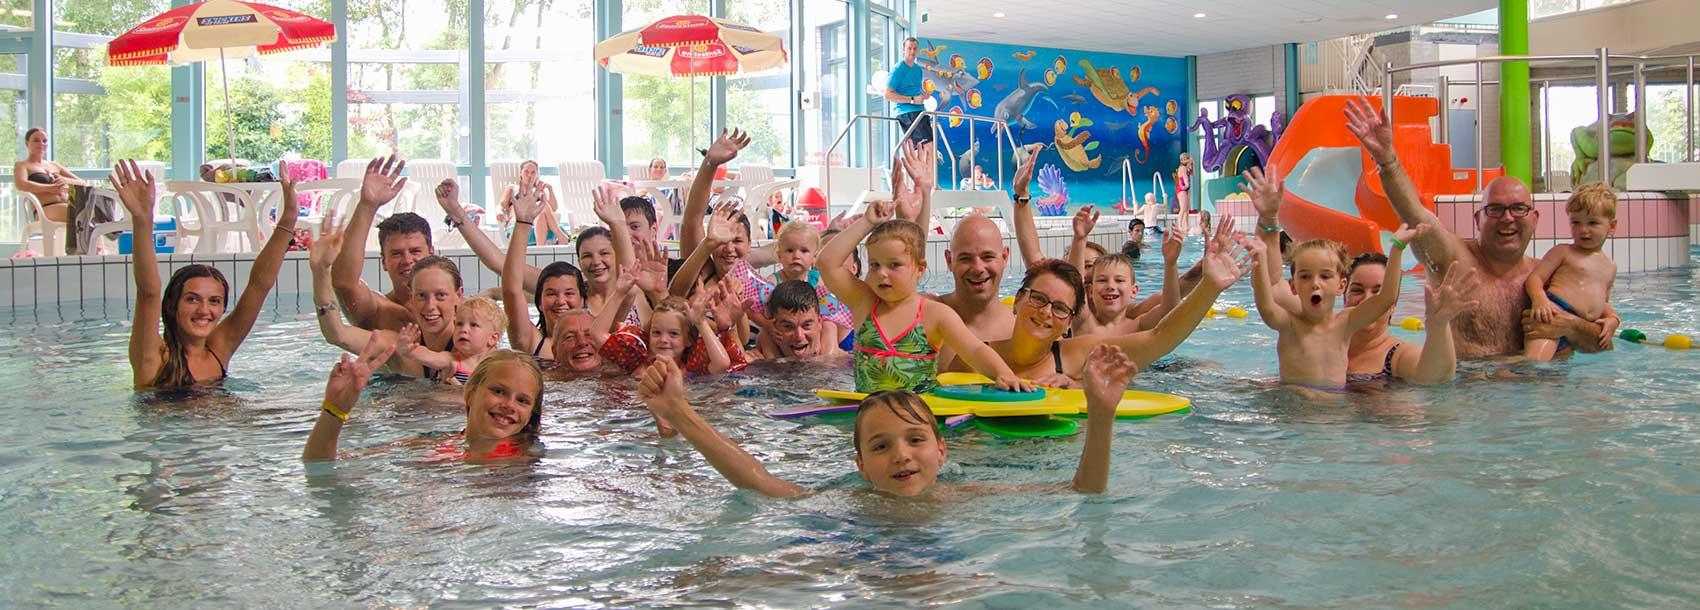 Aqua Sportief in Zwembad De Meerval